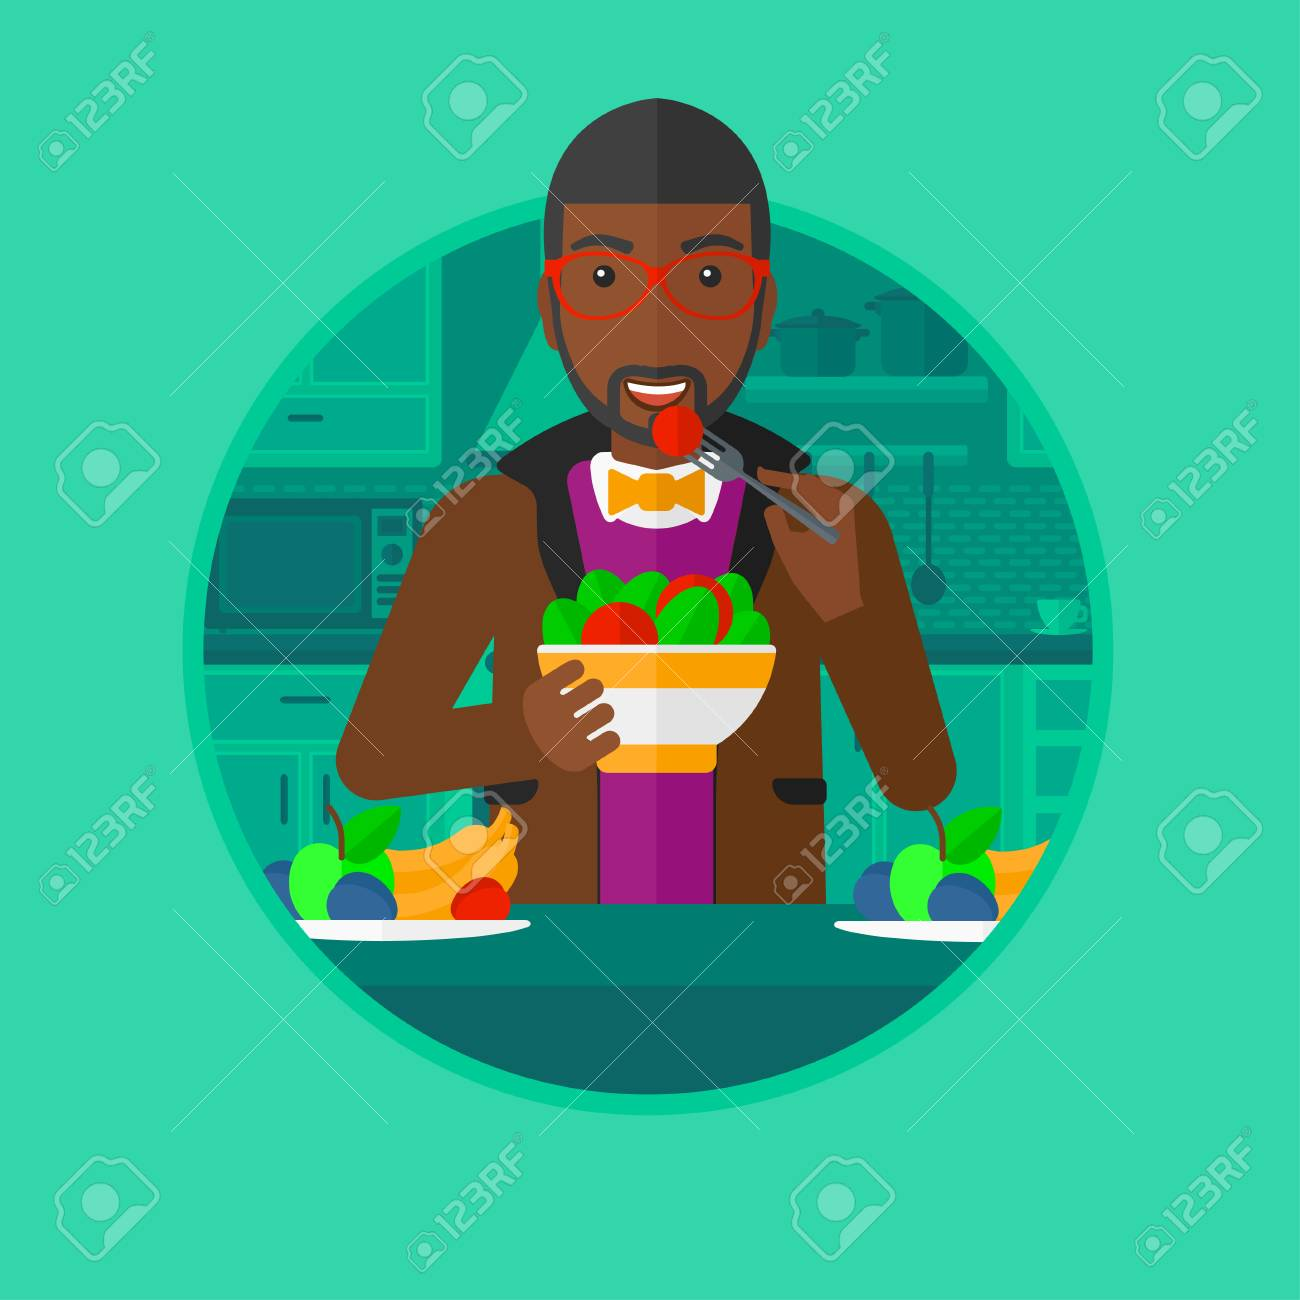 Ein Afroamerikanischer Junger Mann Essen Frisch Gesund Gemüsesalat ...